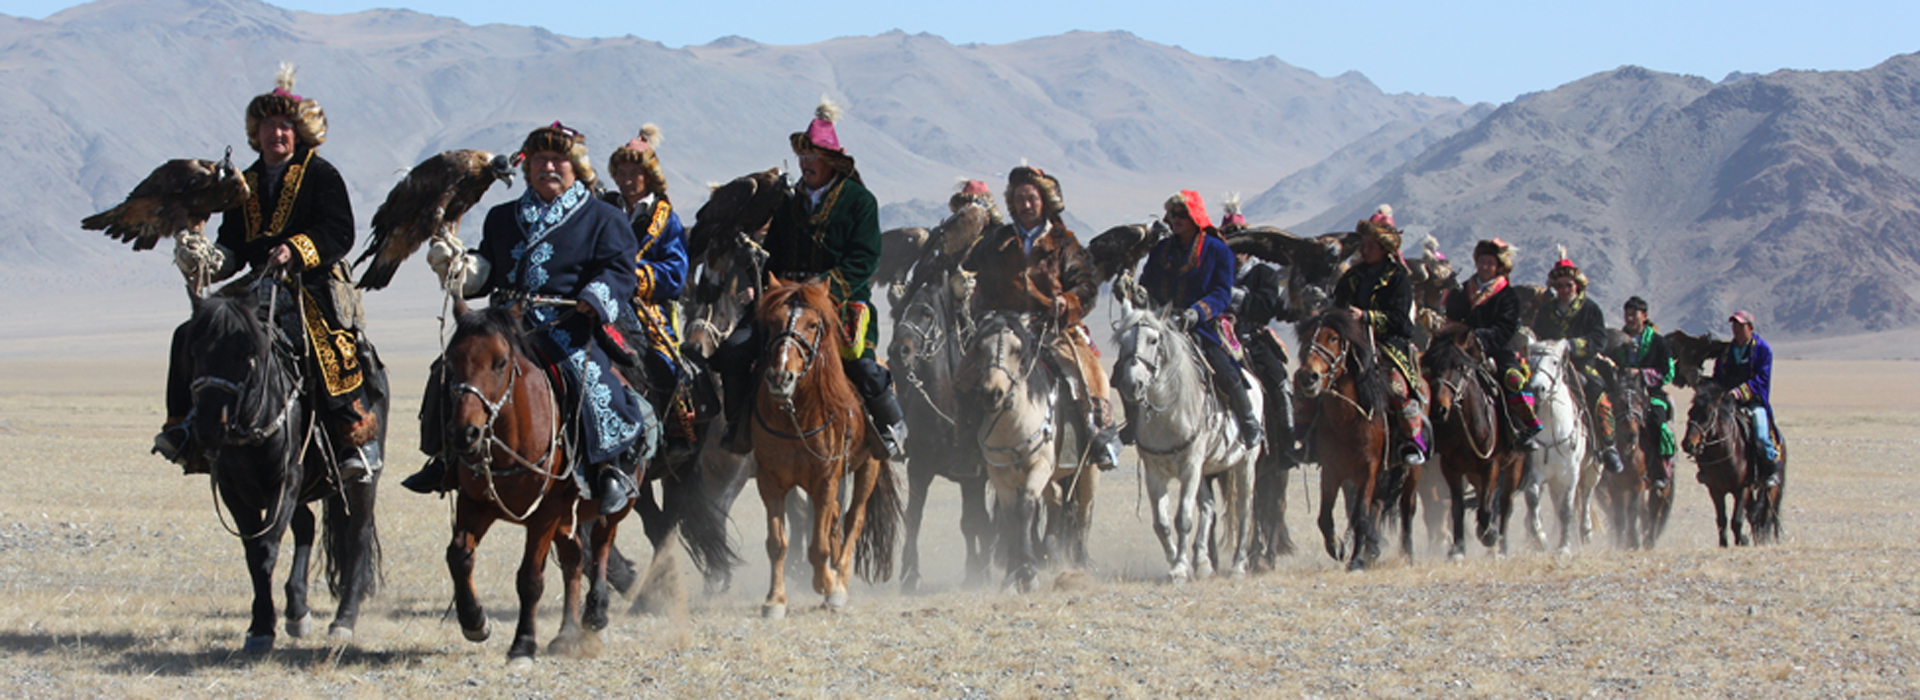 mongolians_horsemen